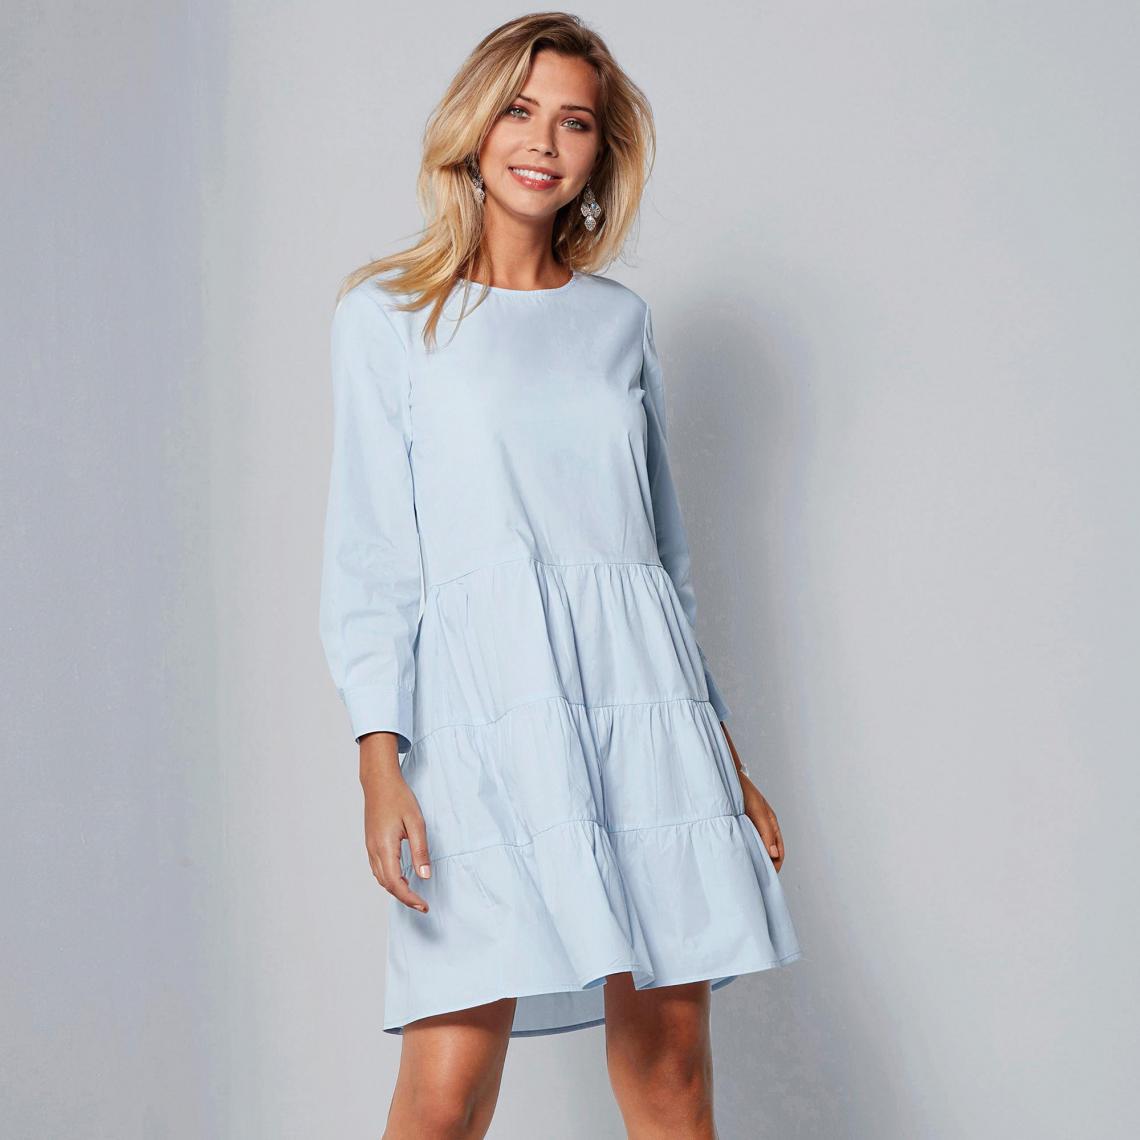 82990b62fd4 Robe manches longues bas effet froncé femme - Bleu 3 SUISSES Femme